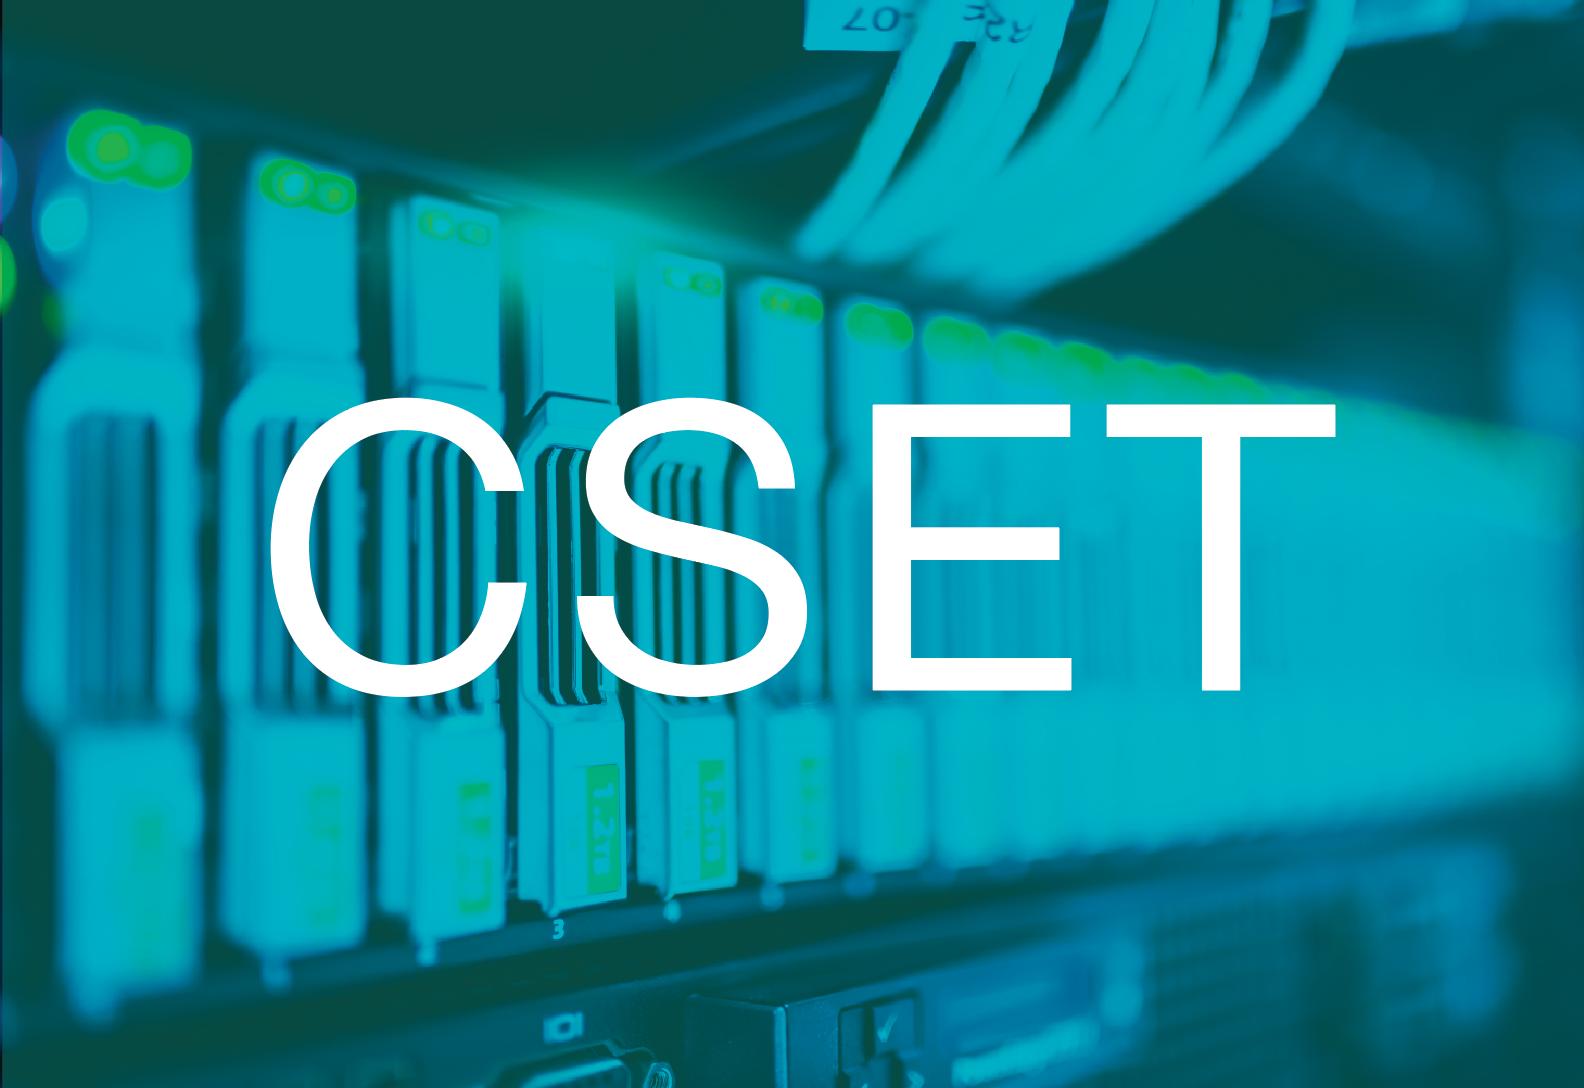 CSET acronym